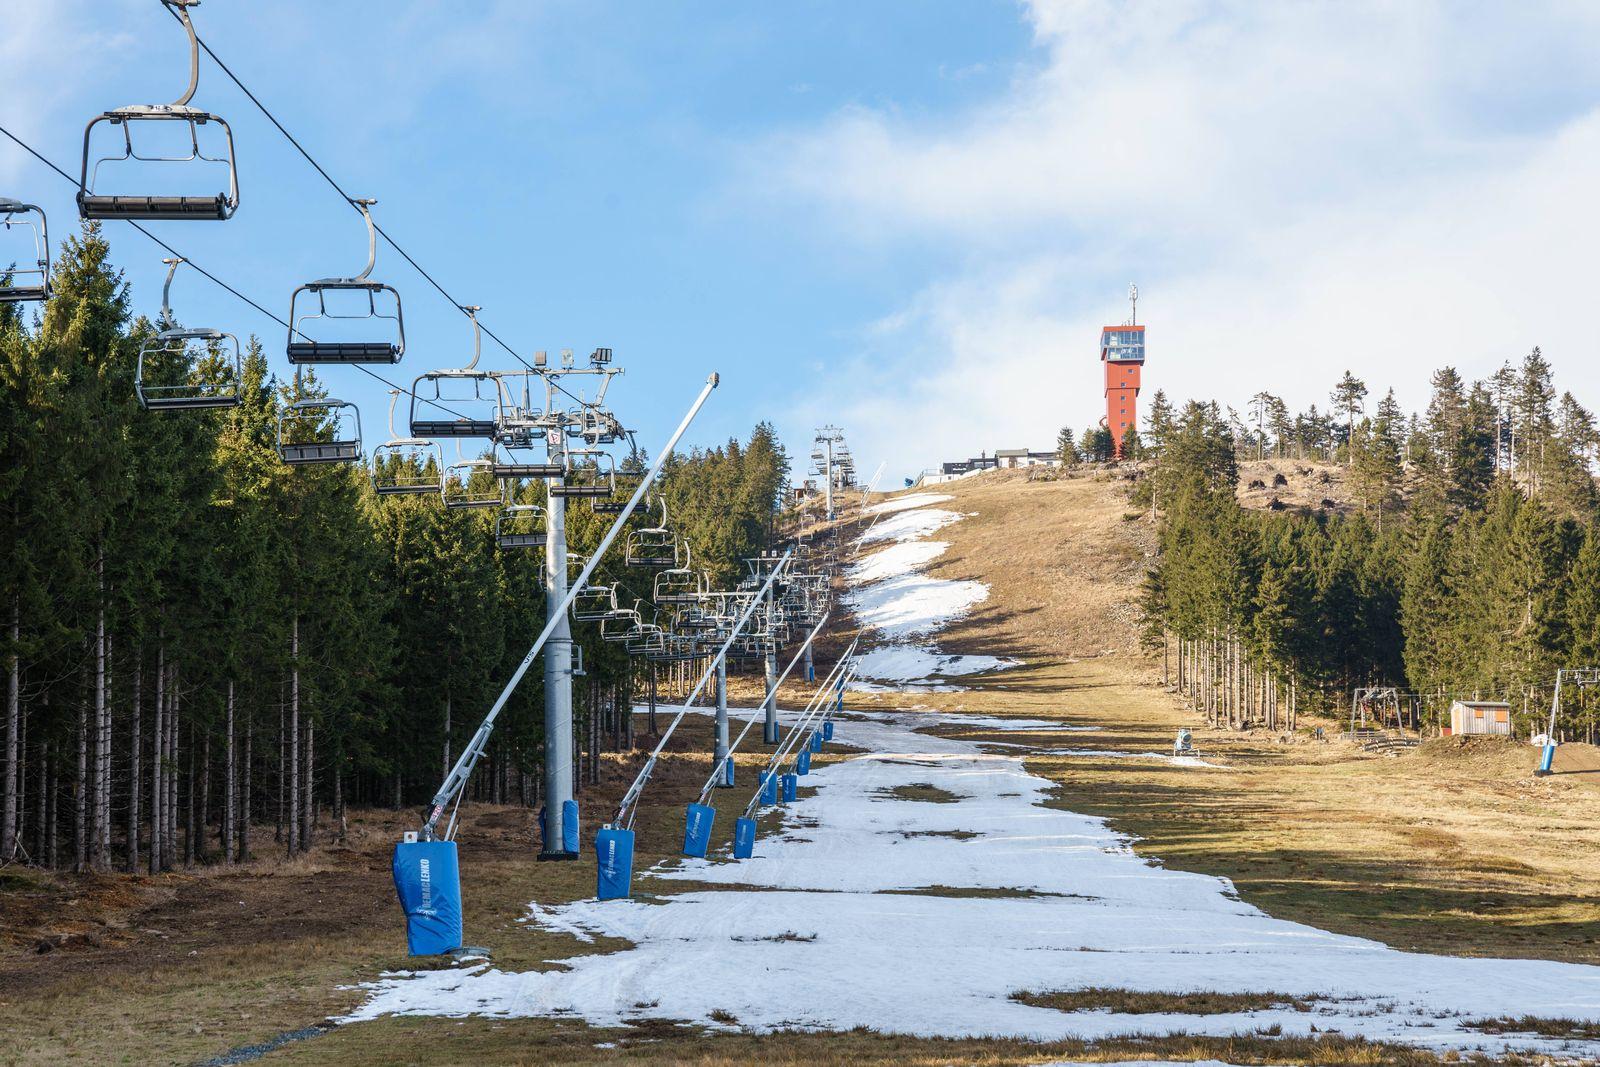 Schneemangel im Harz 15.01.2020, Braunlage (Niedersachsen): Bei zu warmen Temperaturen und fehlendem Schnee ist am Skige